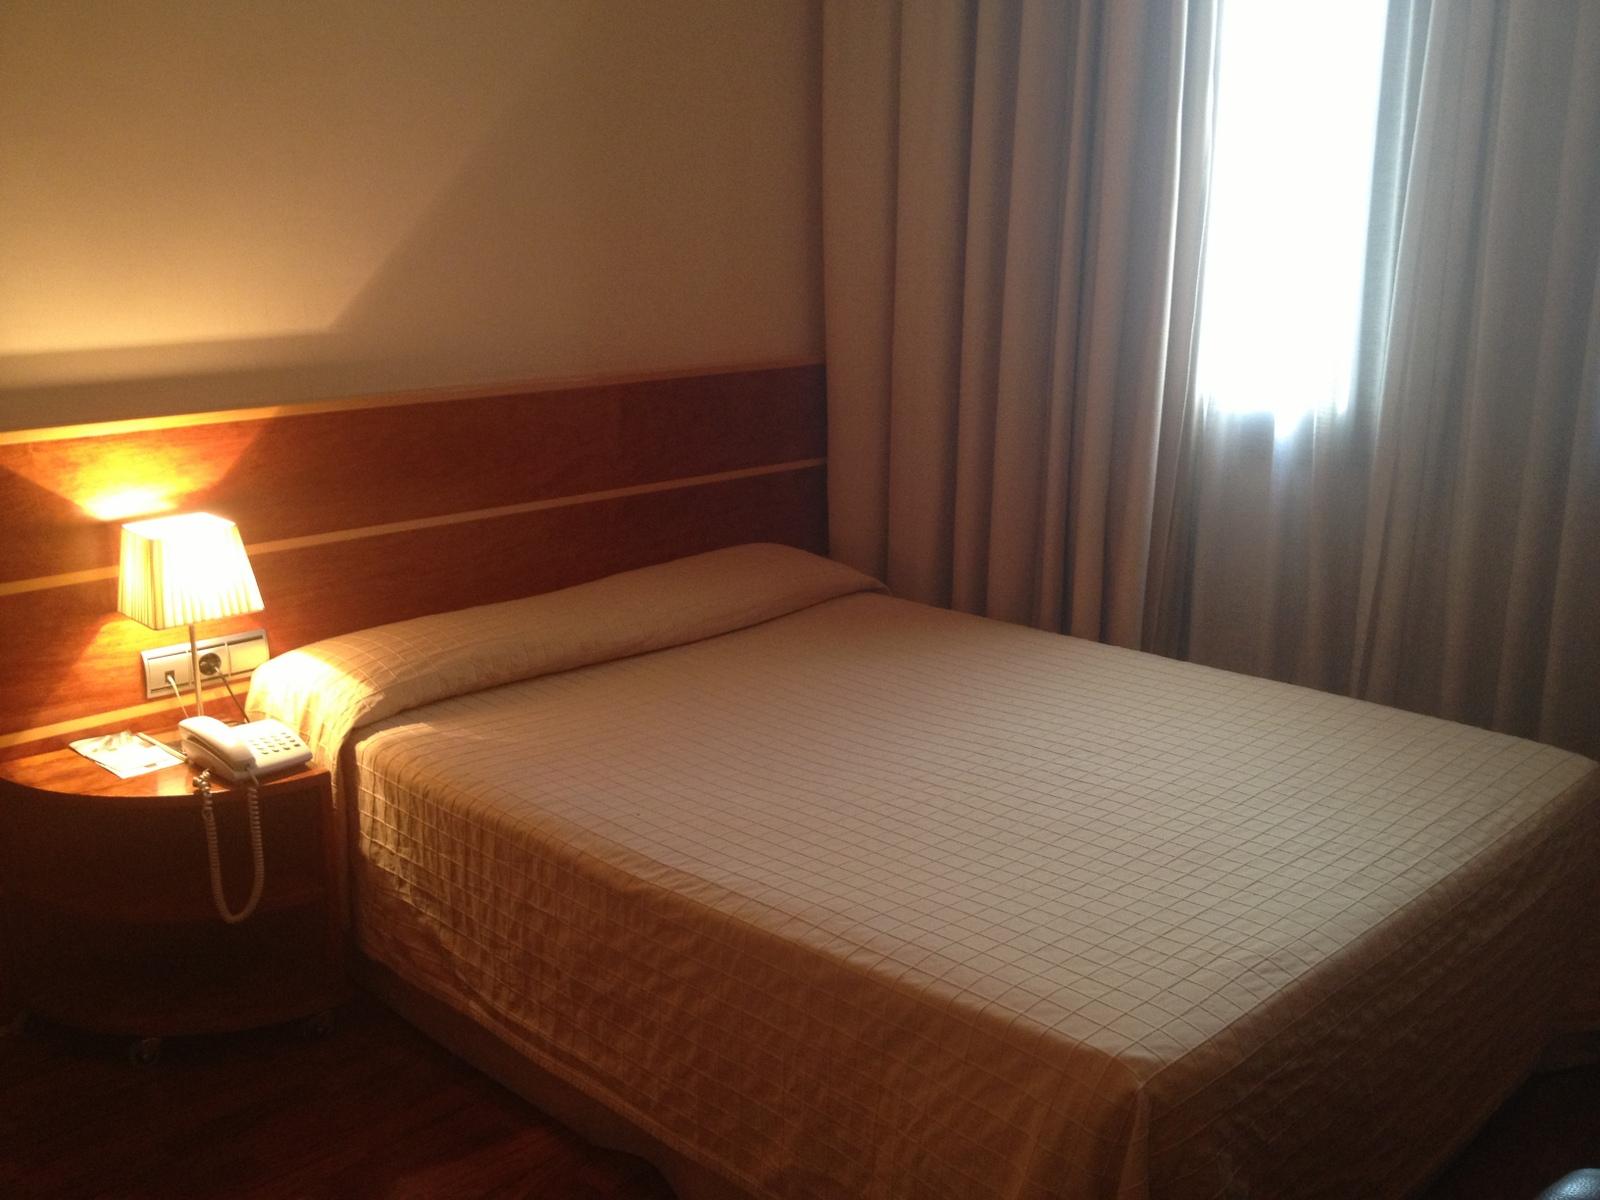 Servicios Hotel Ath Citypark Pelayo Barcelona Web Oficial